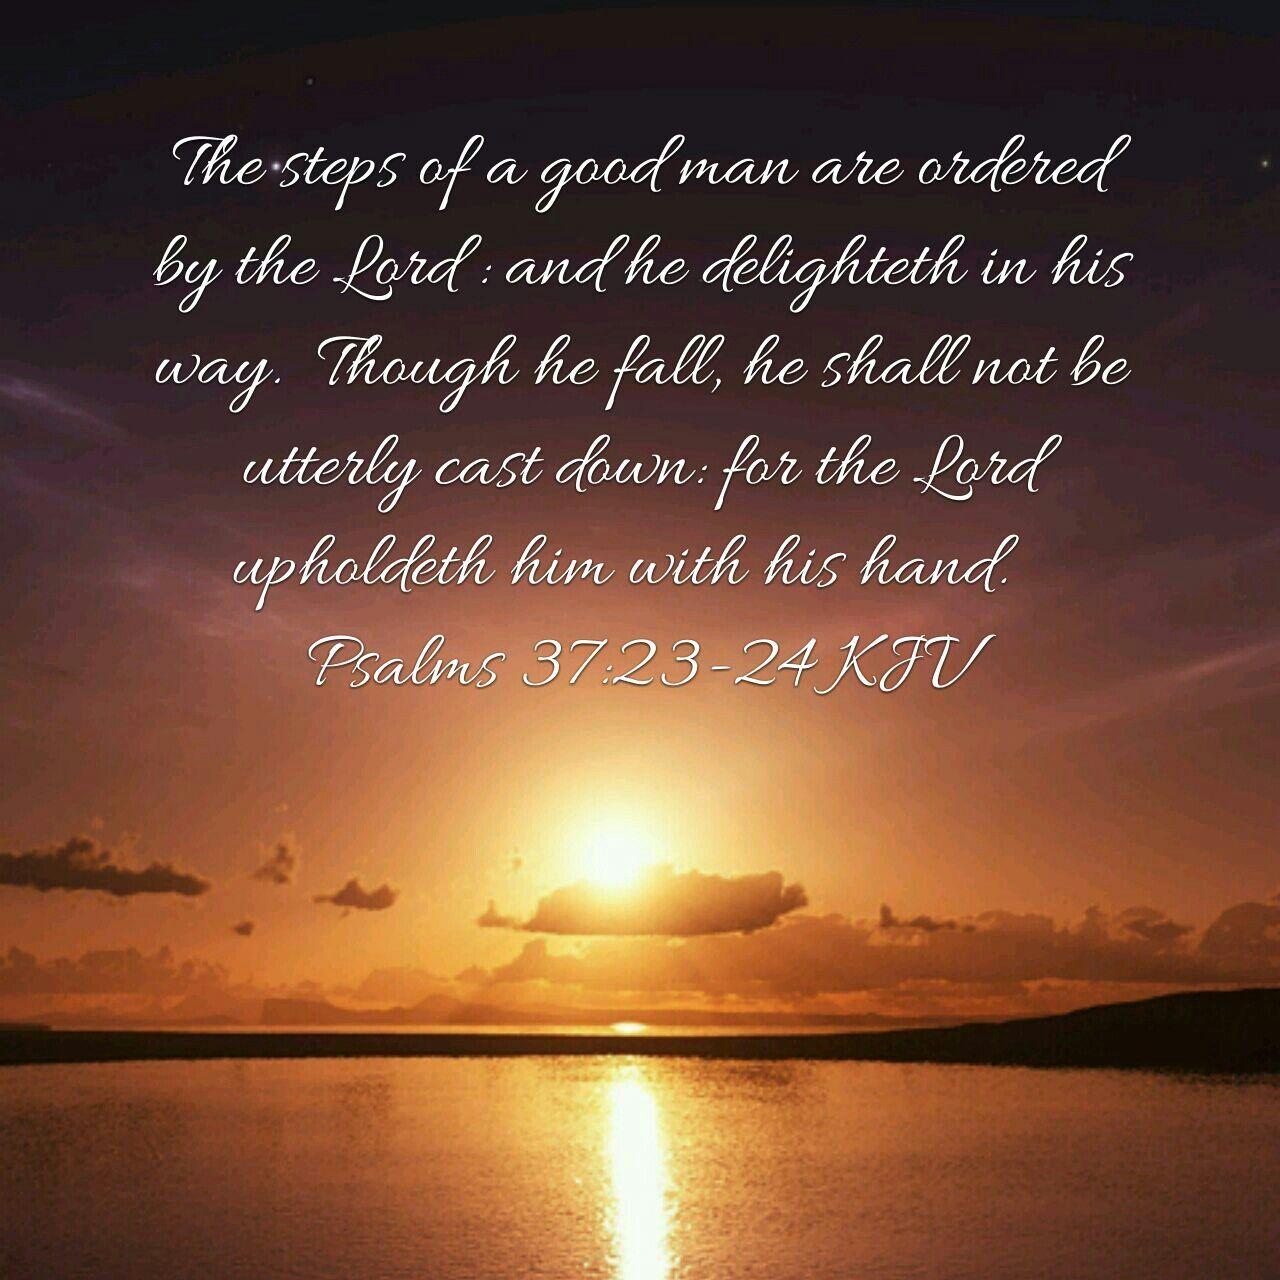 Psalm 37 23 24 Kjv With Images Kjv Psalms Bible Scriptures